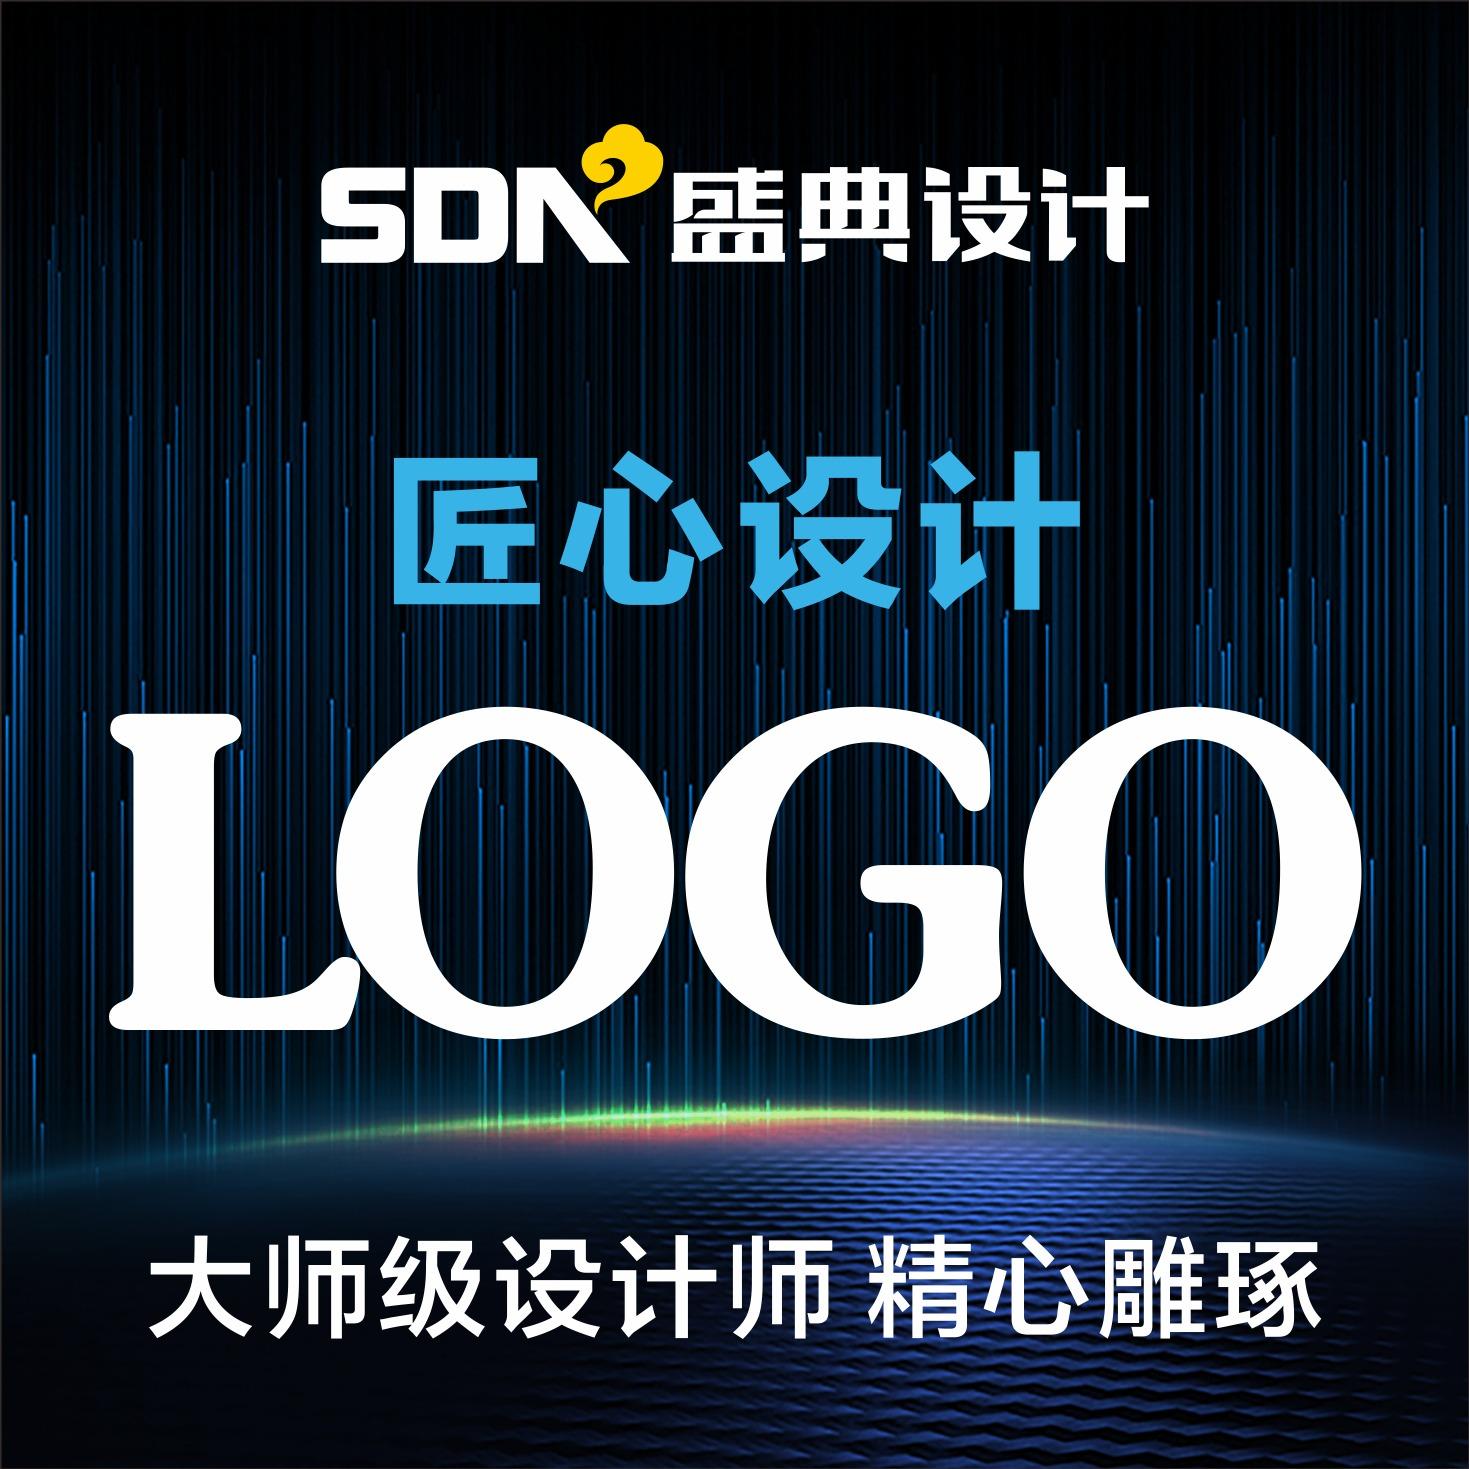 大师手笔 LOGO 设计匠心雕琢品牌 logo 文化工业商标设计